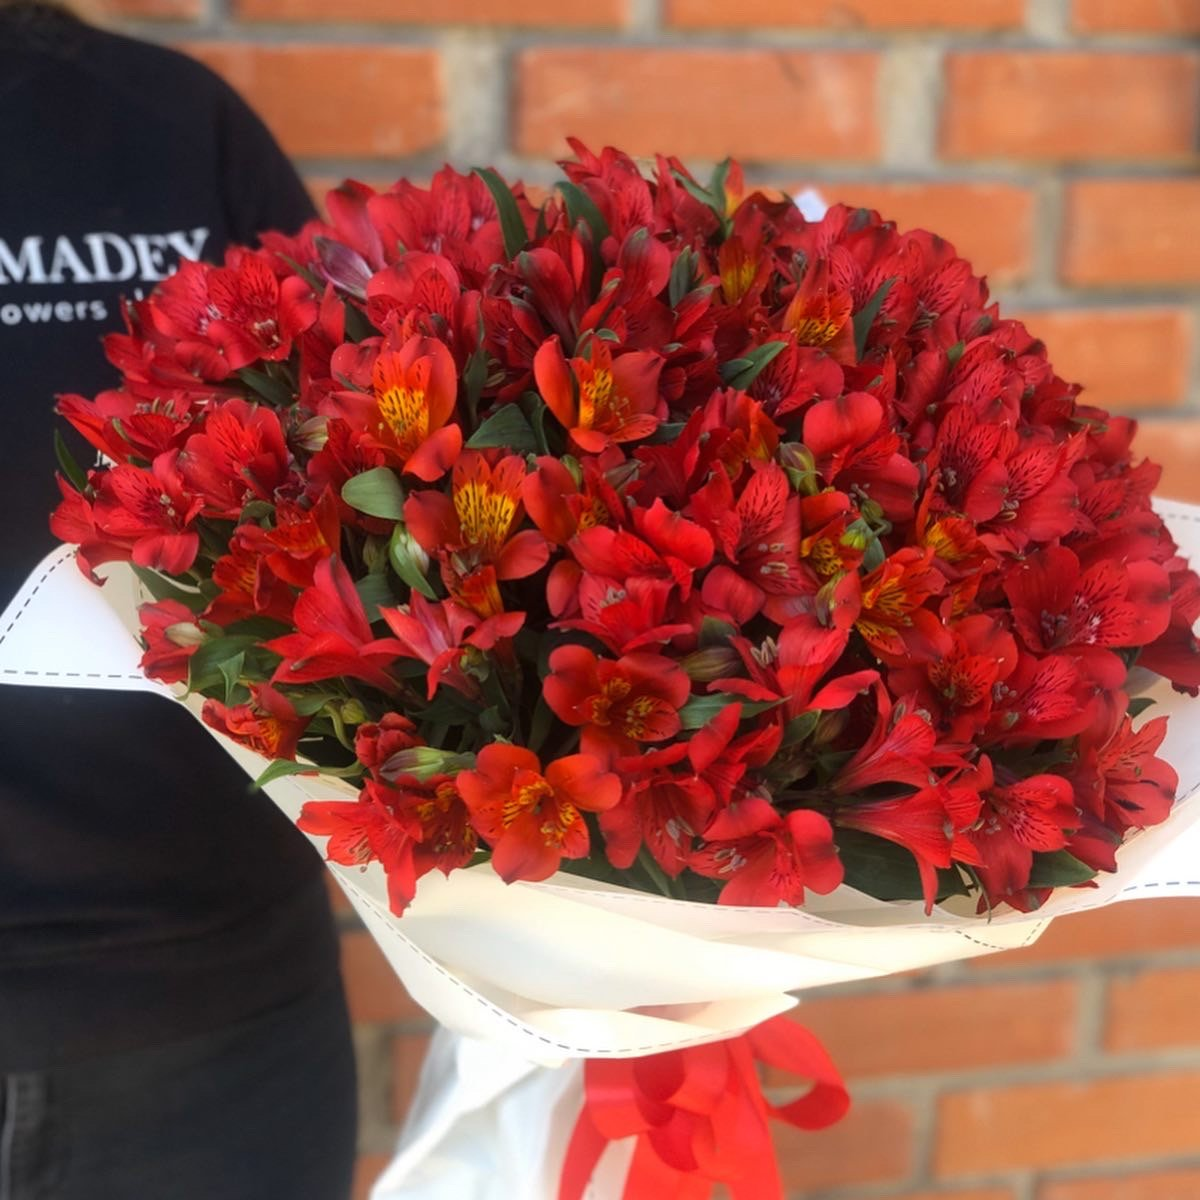 Завжди готові дивувати лозівчан: креативні букети у квітковому салоні «Amadey flowers» , фото-12